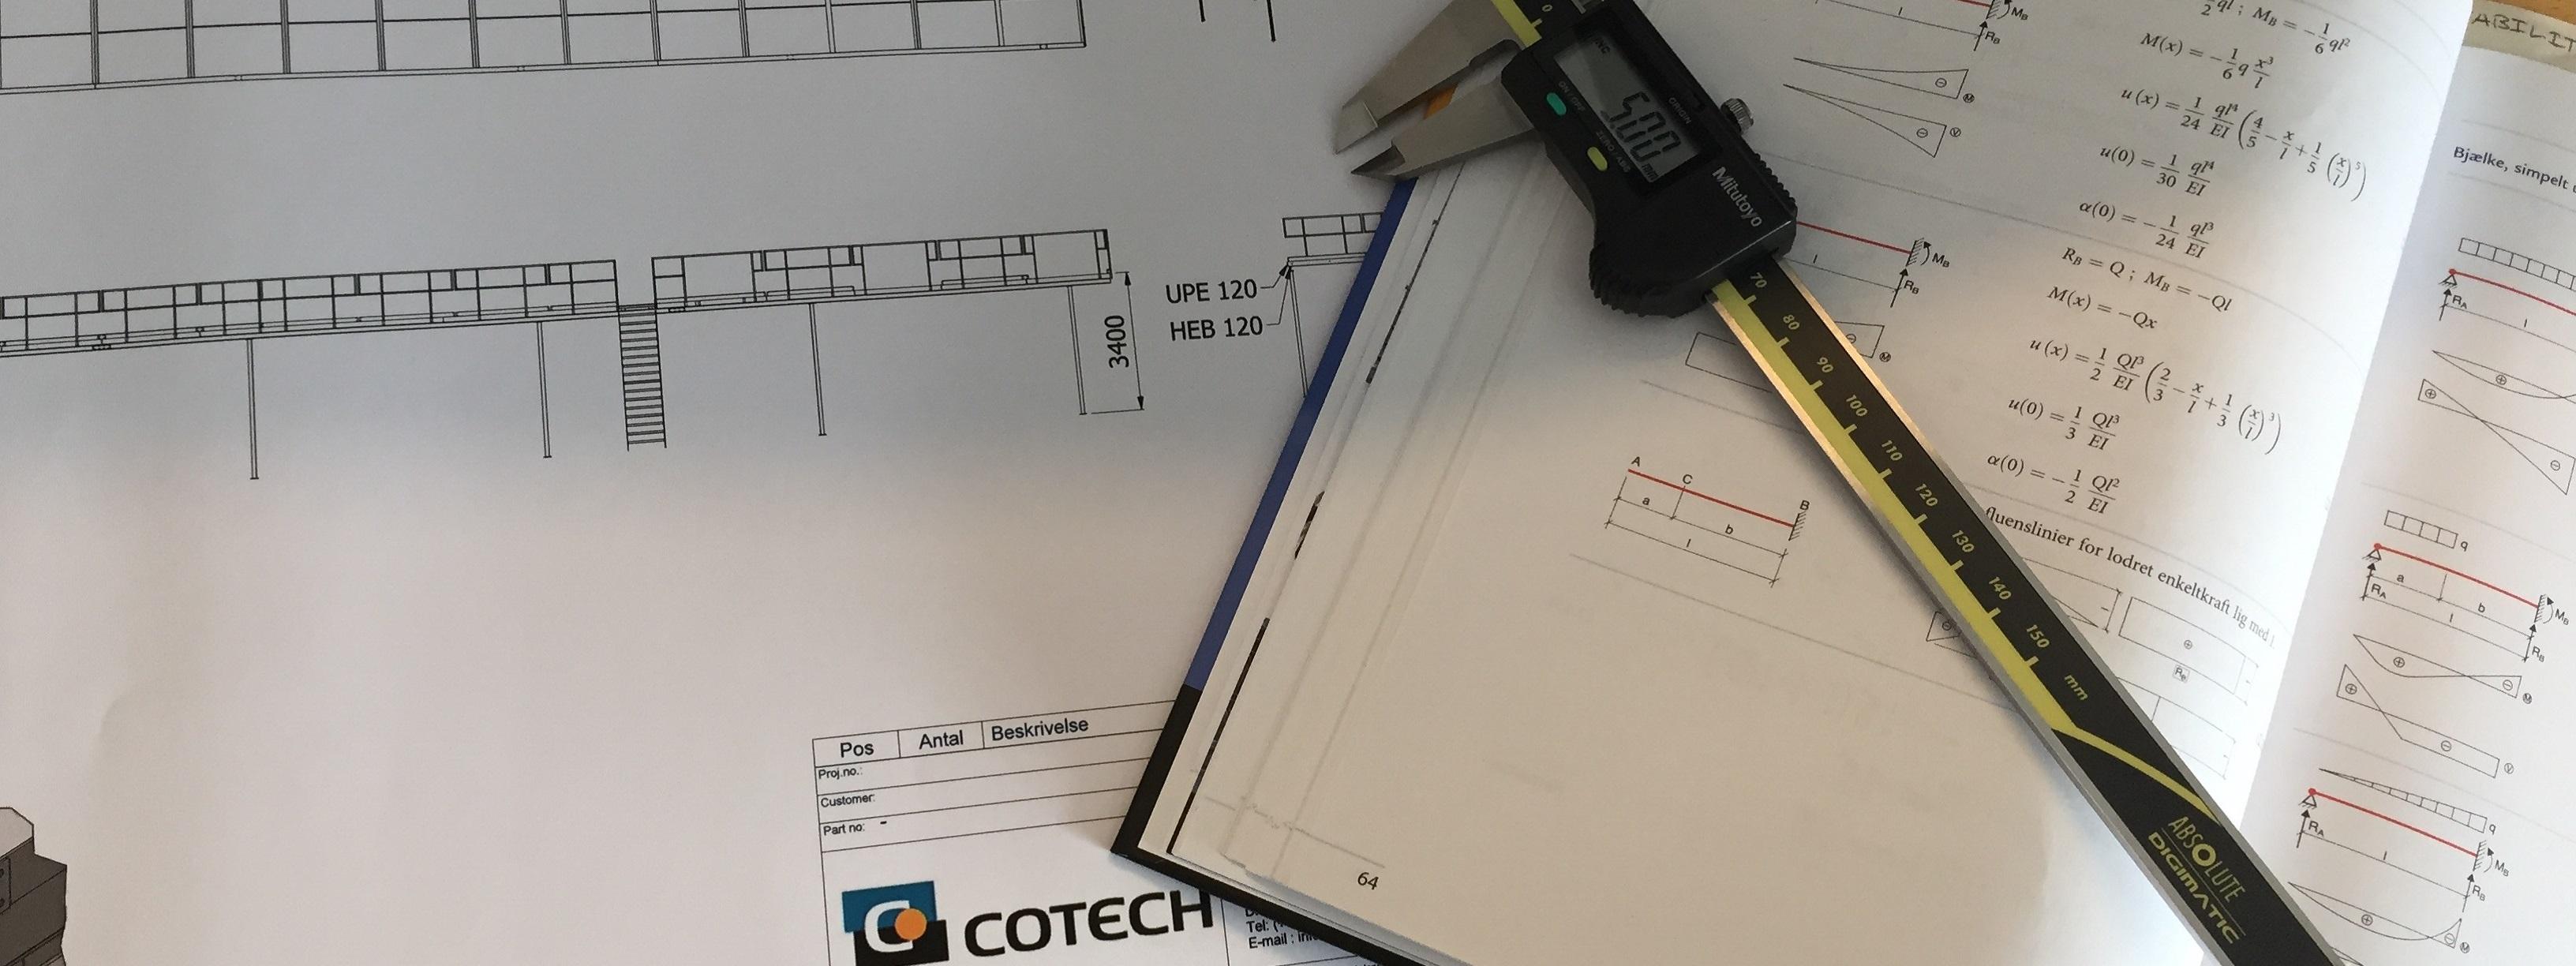 COTECH er certificeret efter EN 1090-2 og ISO 9001 2015